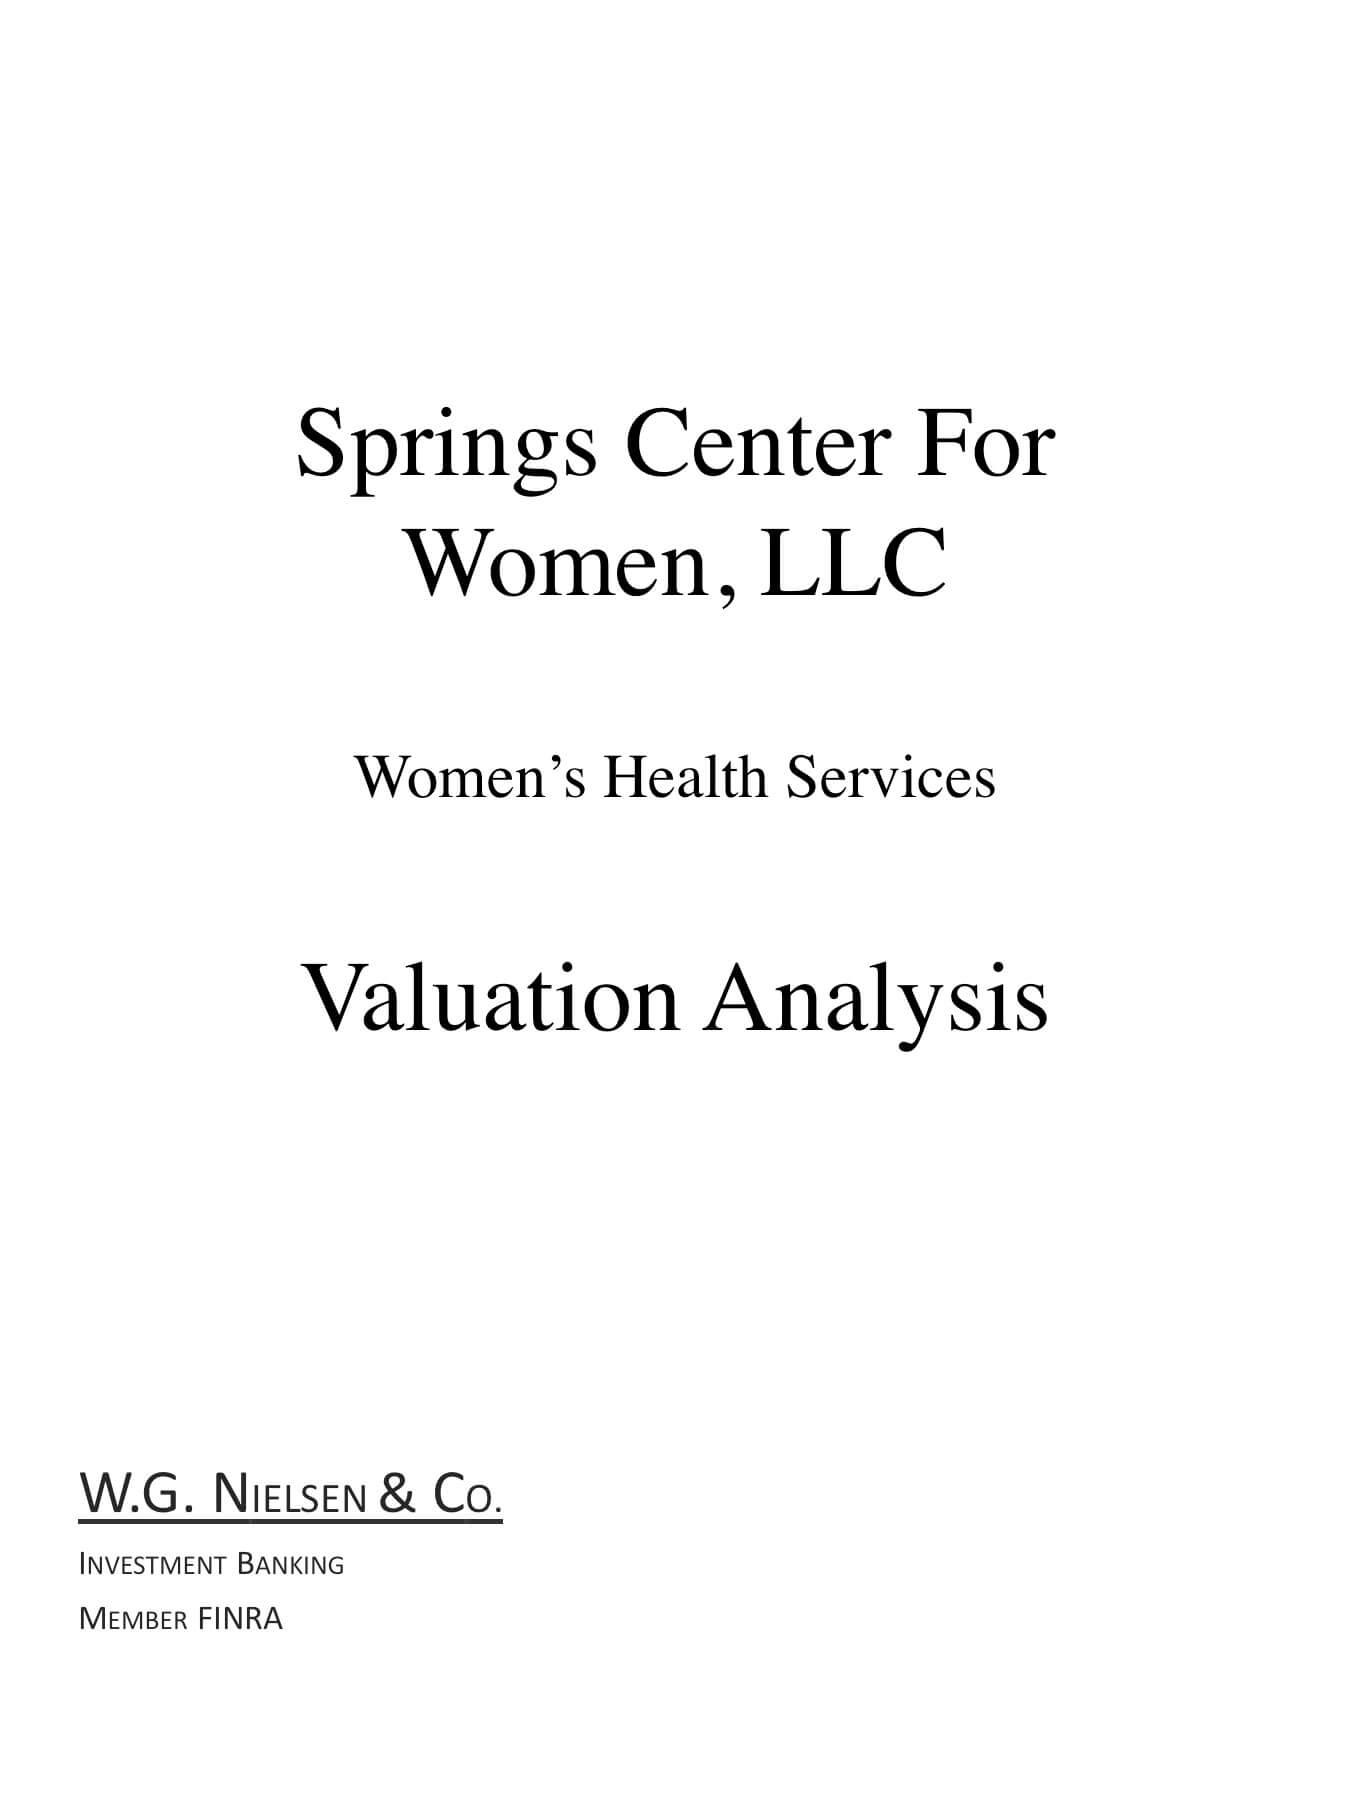 spring center for women investment banking transaction